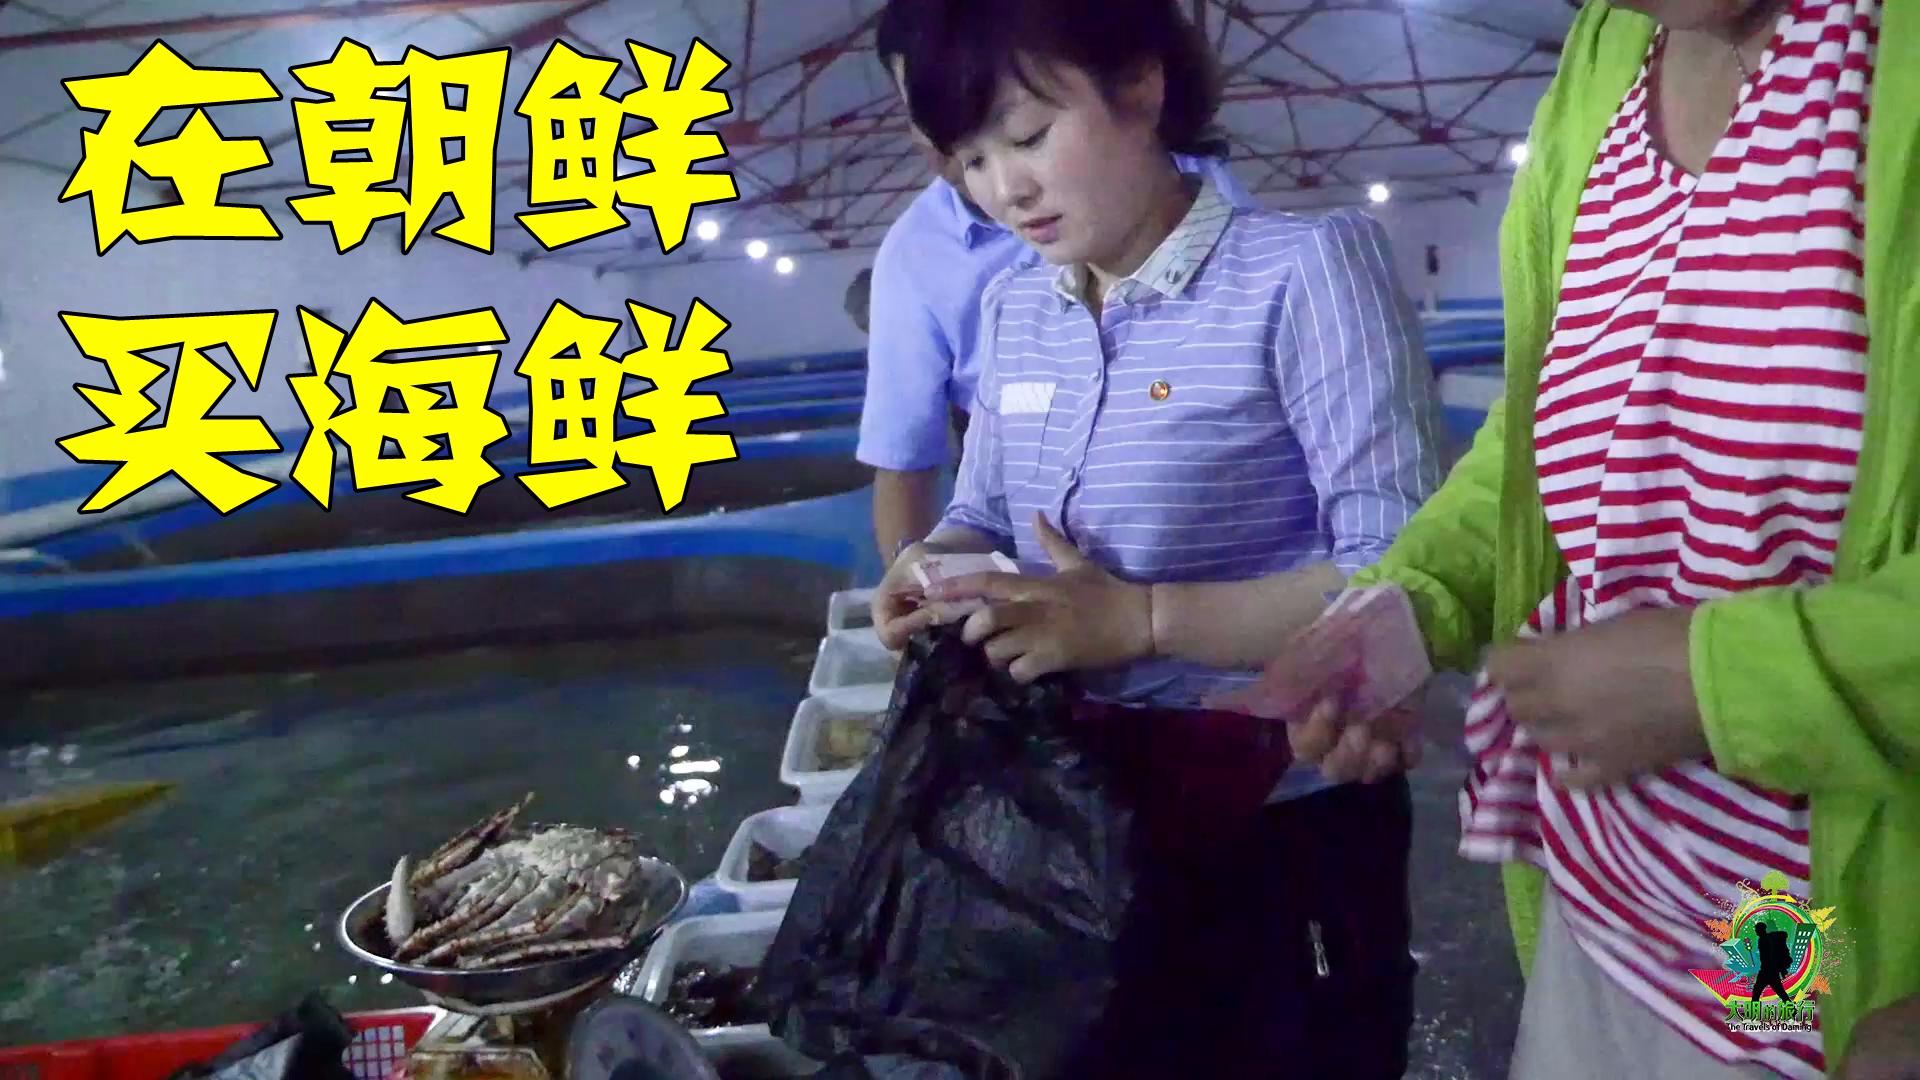 在朝鲜买海鲜,可以直接付人民币吗?传说朝鲜的海鲜,都是白菜价